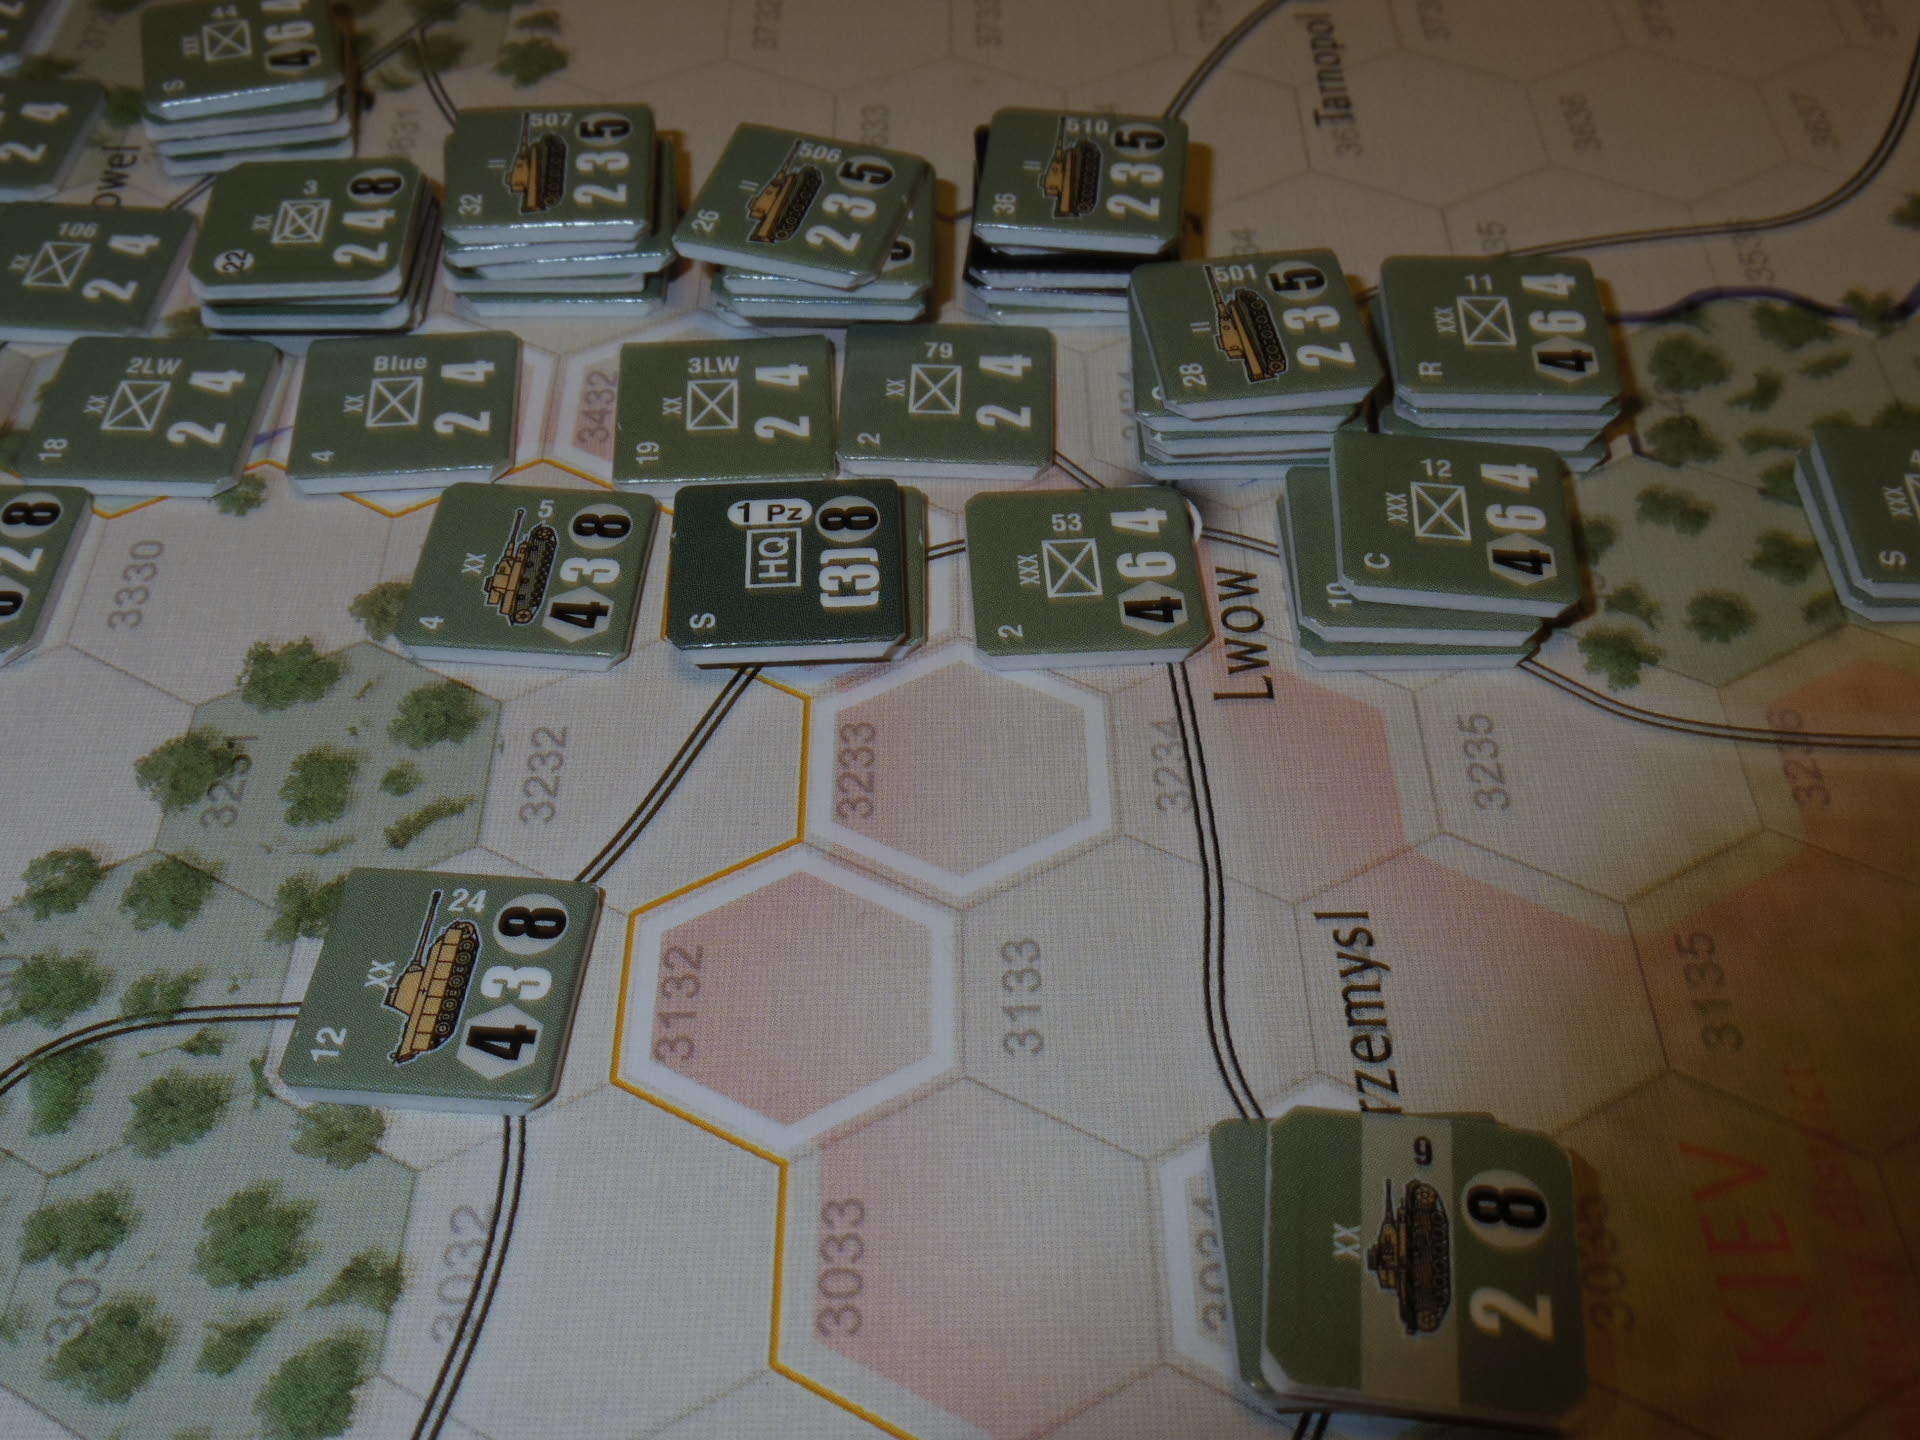 2年振りの再戦に備えて着々と準備は進む...(GMT)The Dark Valley  ダーク・ヴァレー 「バグラチオン:1944シナリオ」_b0173672_20582223.jpg